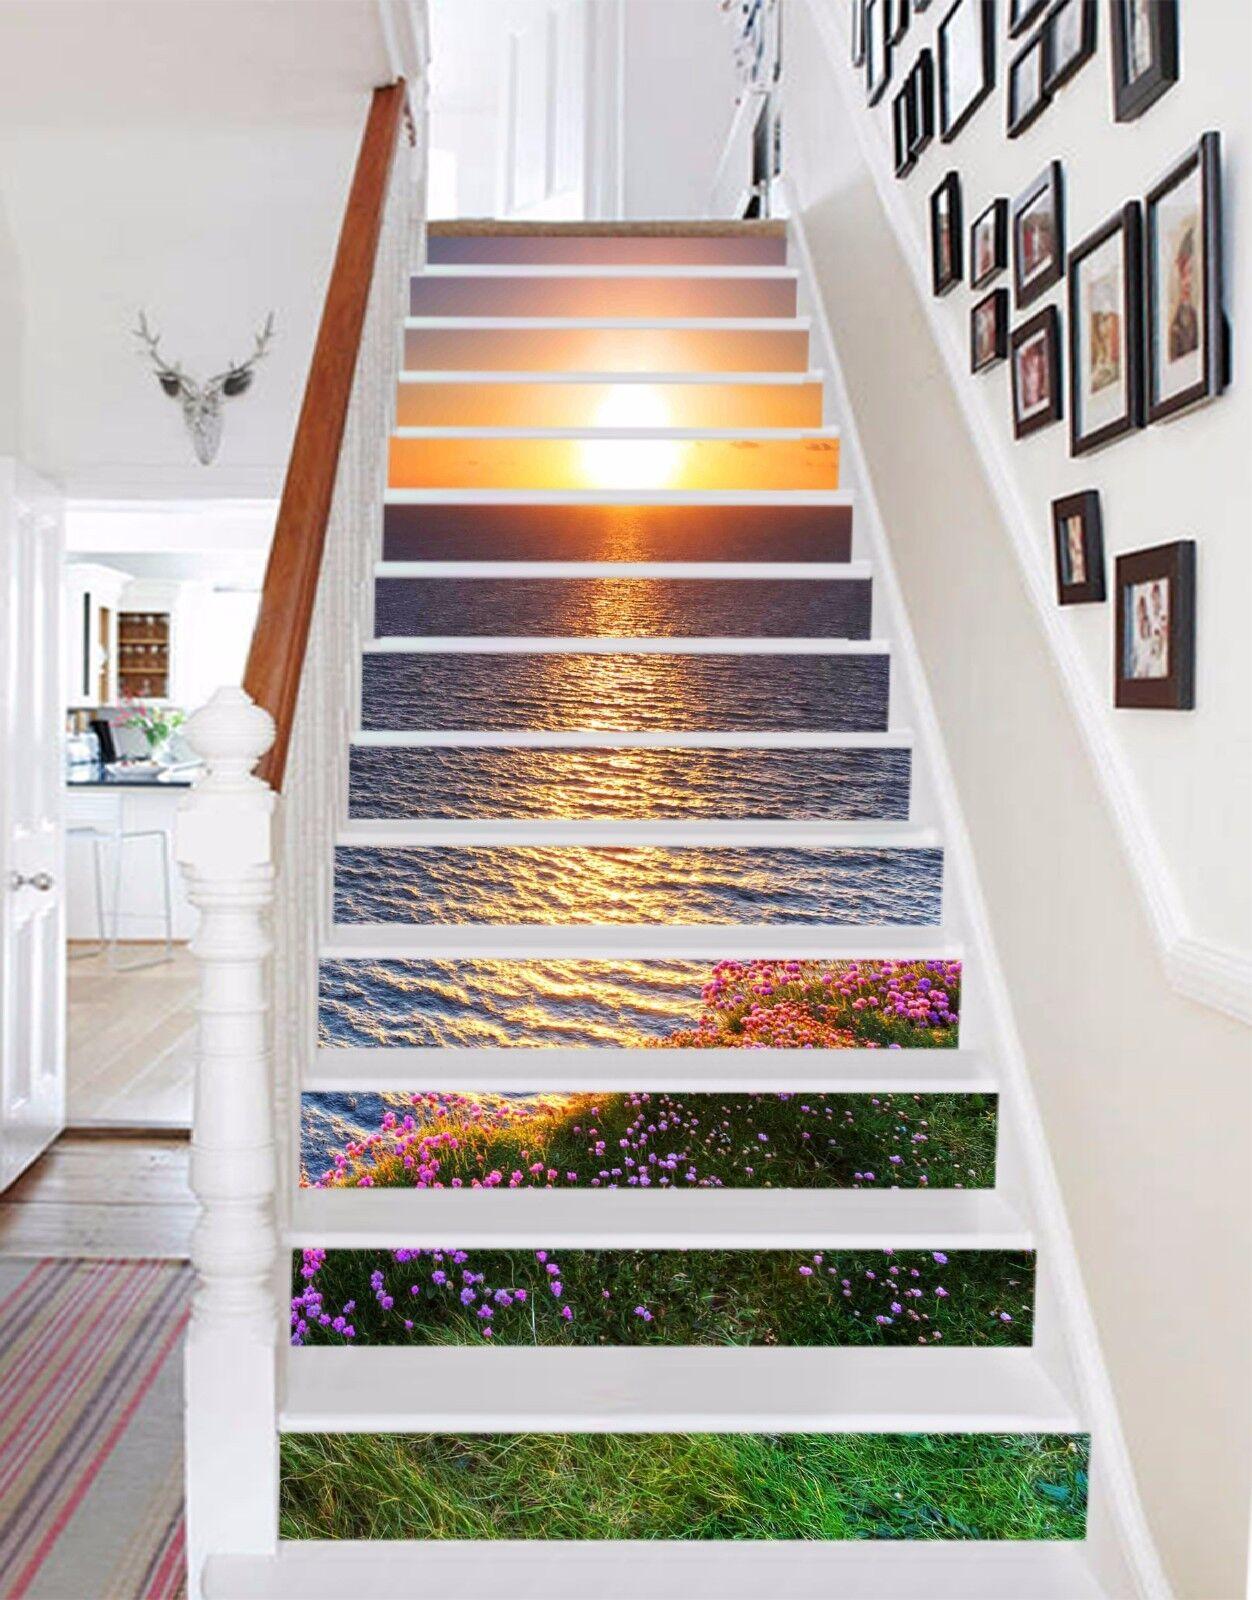 3D Sky ocean 257 Stair Risers Decoration Photo Mural Vinyl Decal Wallpaper UK